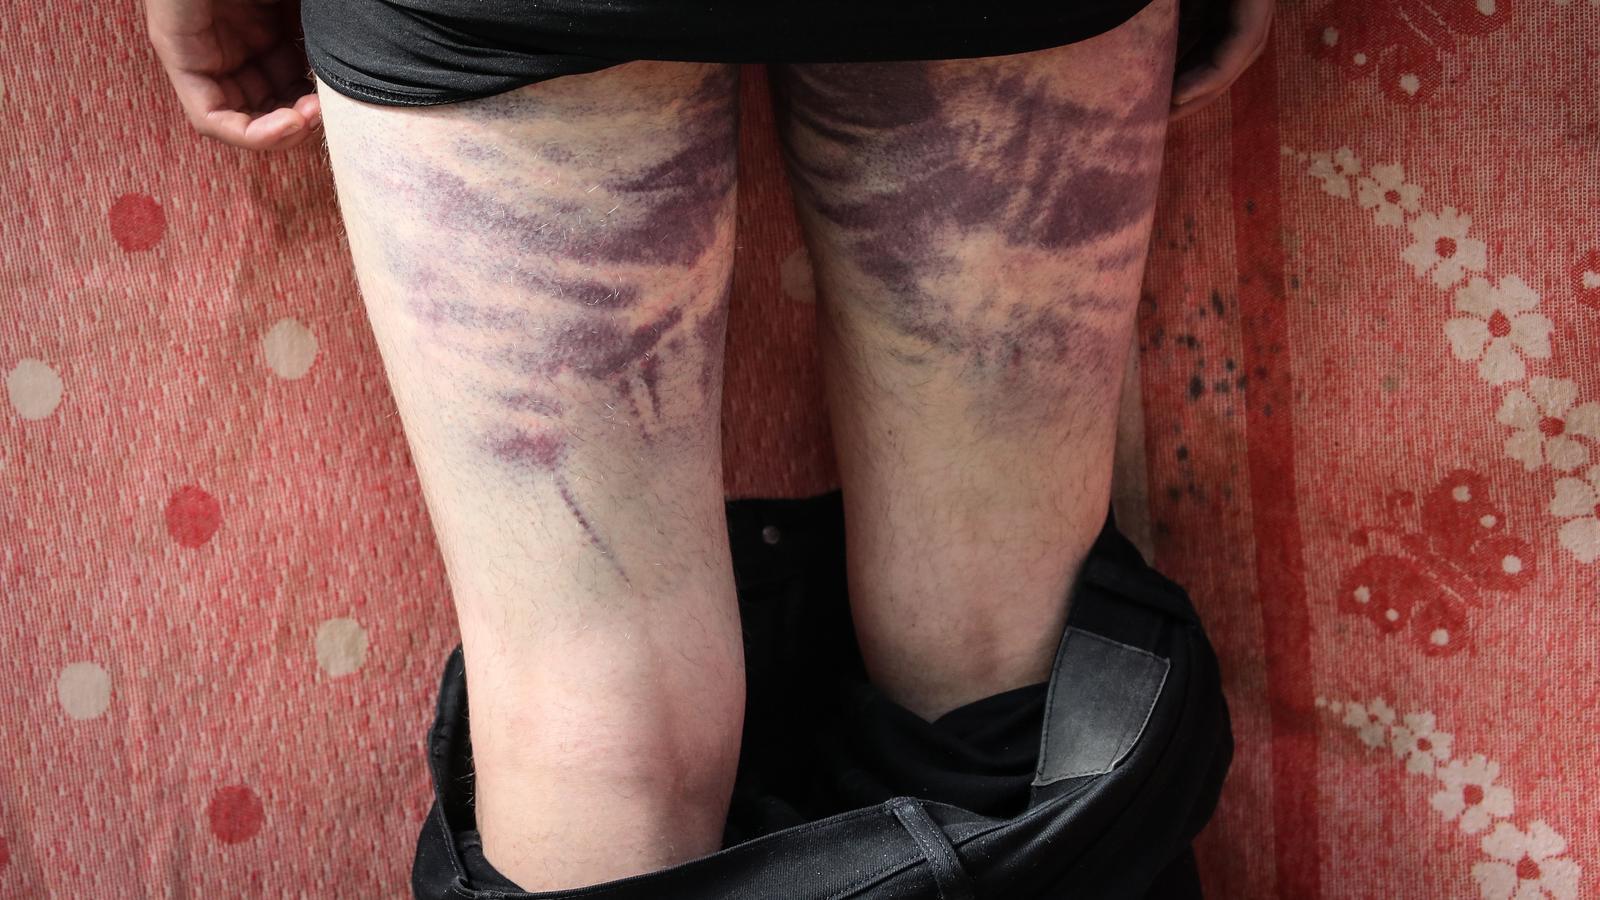 Blaus a les cames d'un detingut deixat en llibertat a Minsk aquest divendres